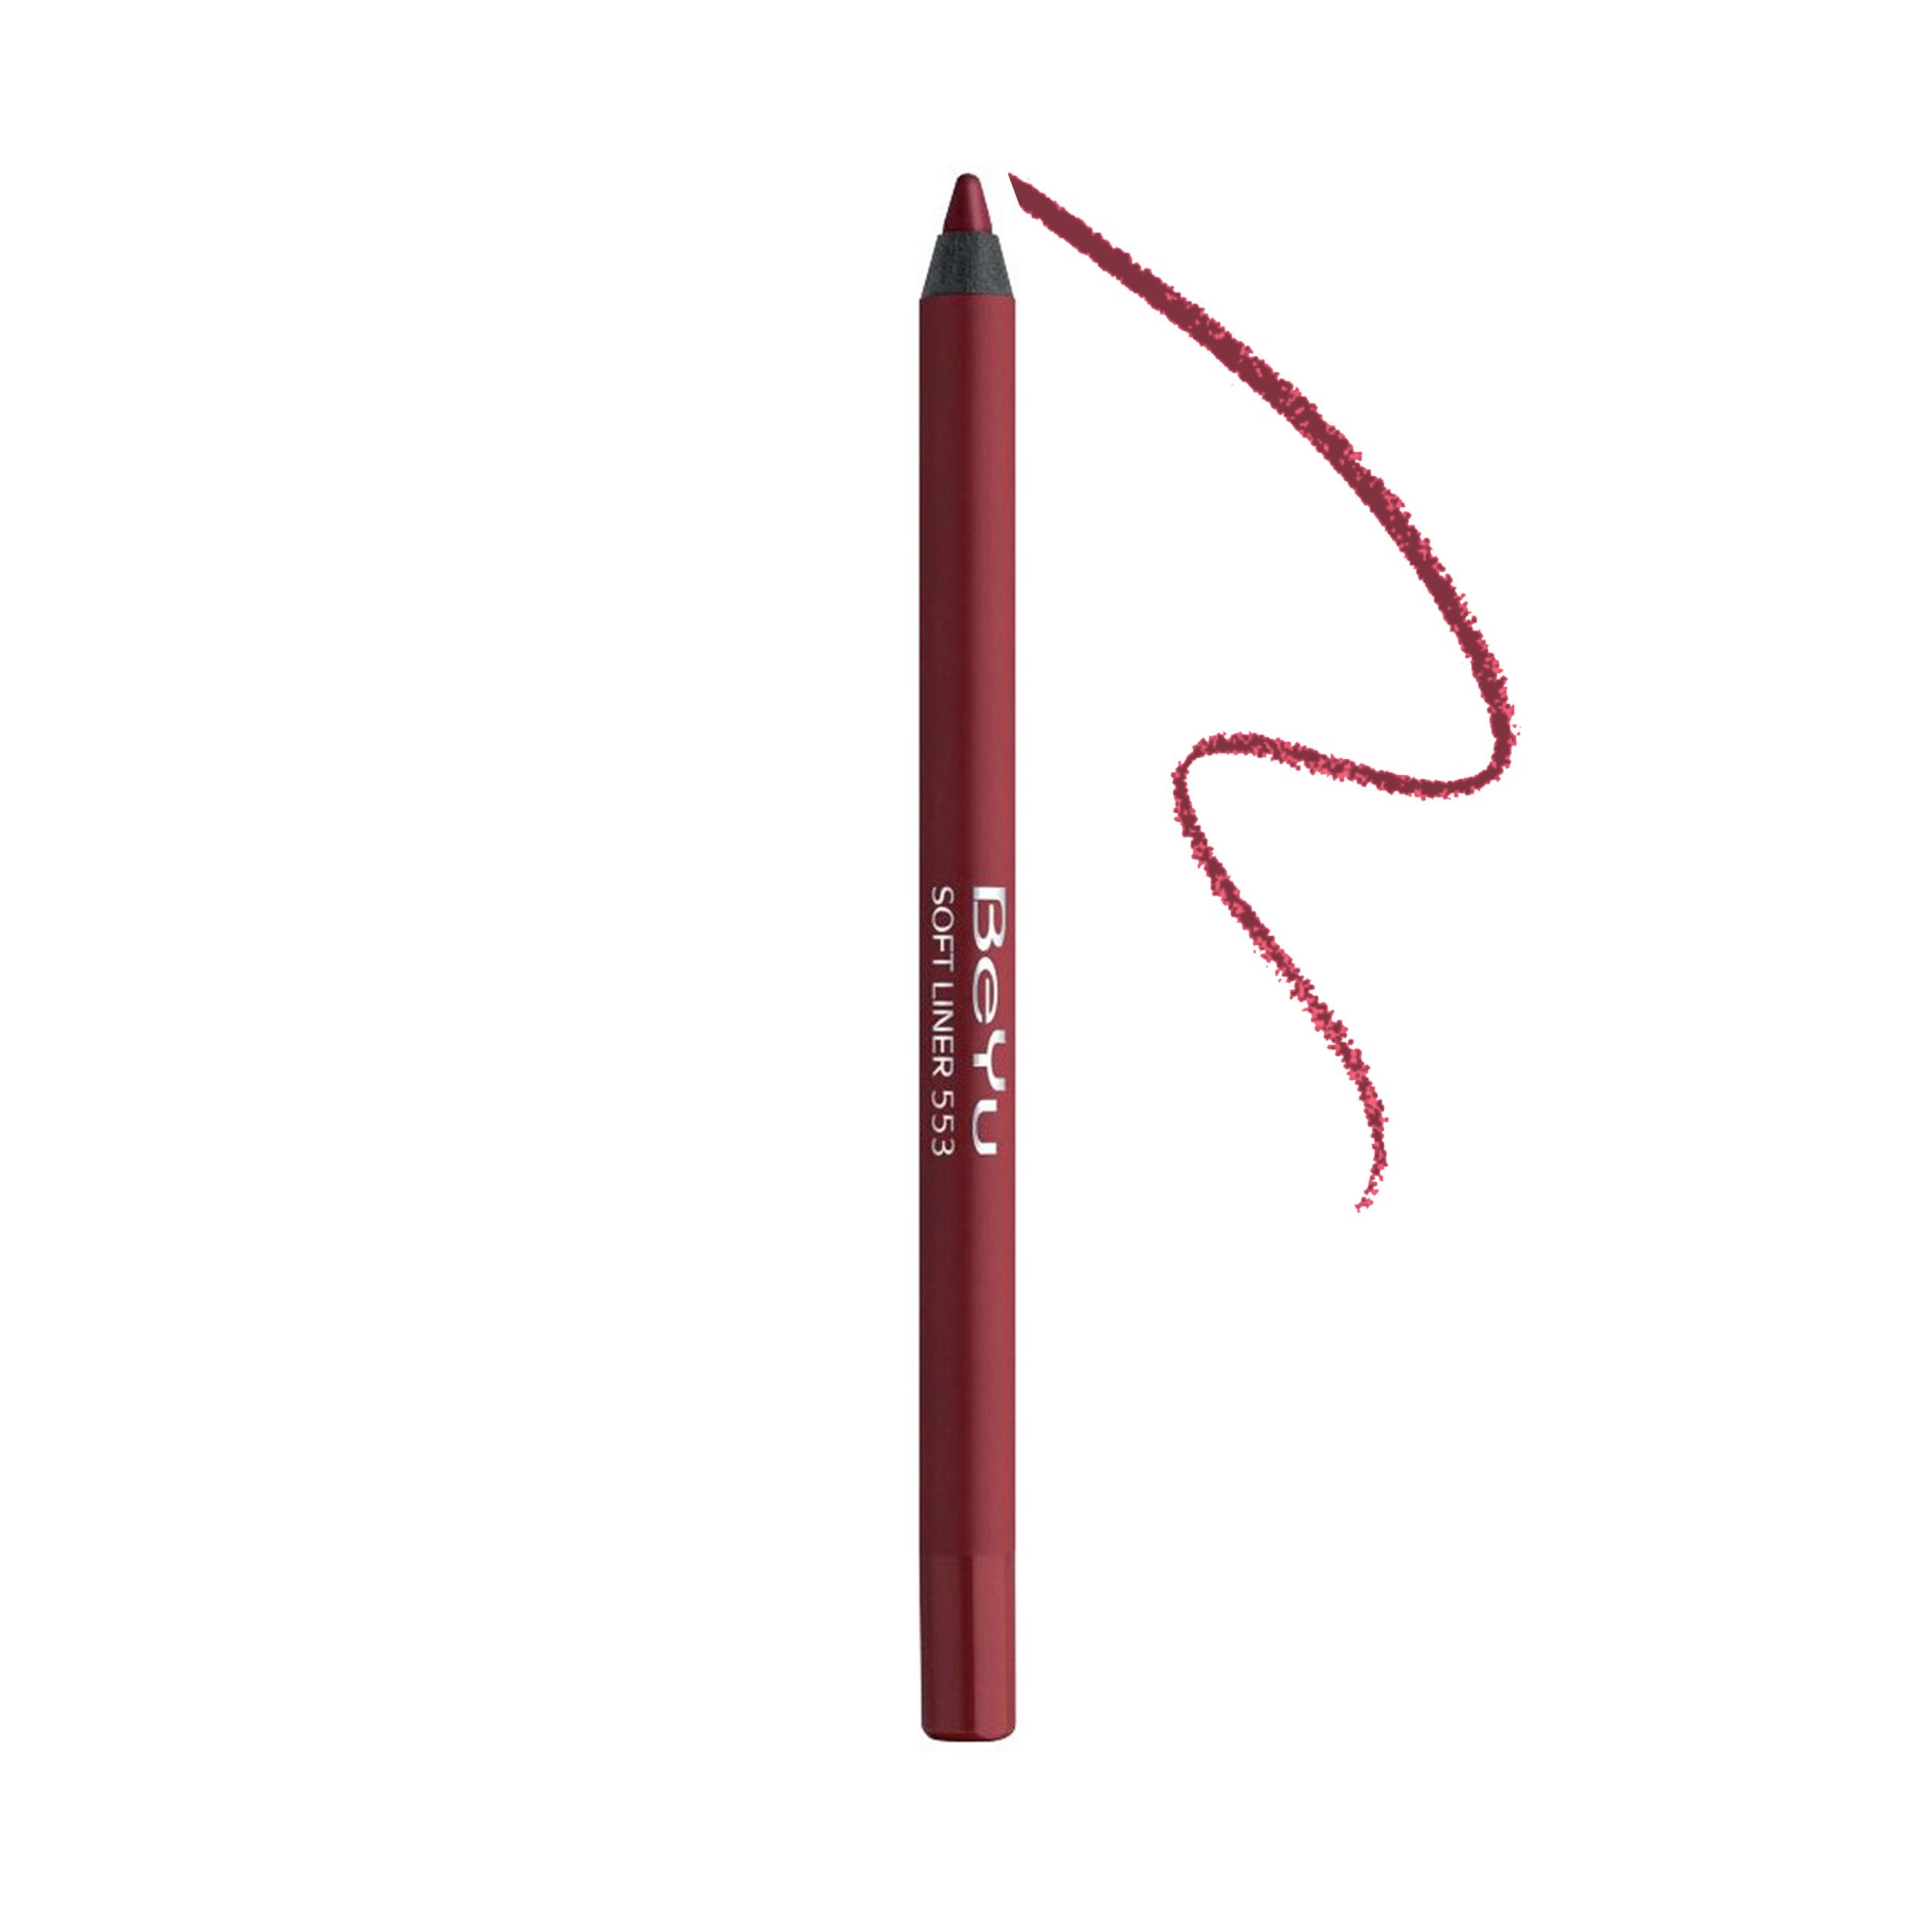 مداد لب بی یو سری Softline شماره 553 -  - 1